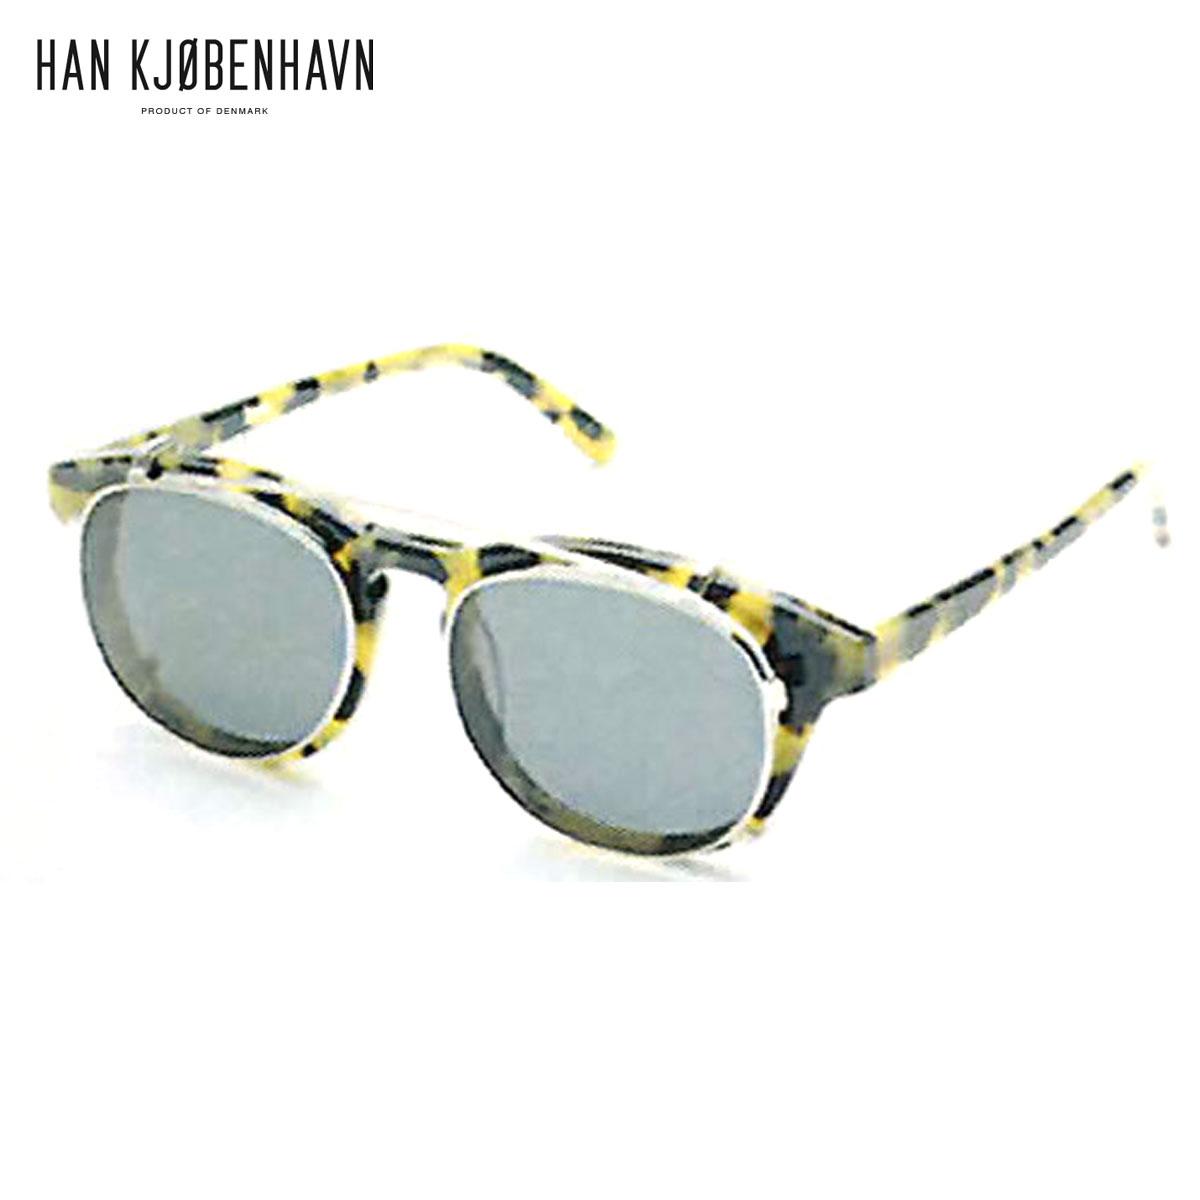 【販売期間 11/3 20:00~11/12 09:59】 ハン HAN KJOBENHAVN 正規販売店 メンズ サングラス めがね TIMELESS CLIP-ON Army Army SUN&CLEAR D20S30